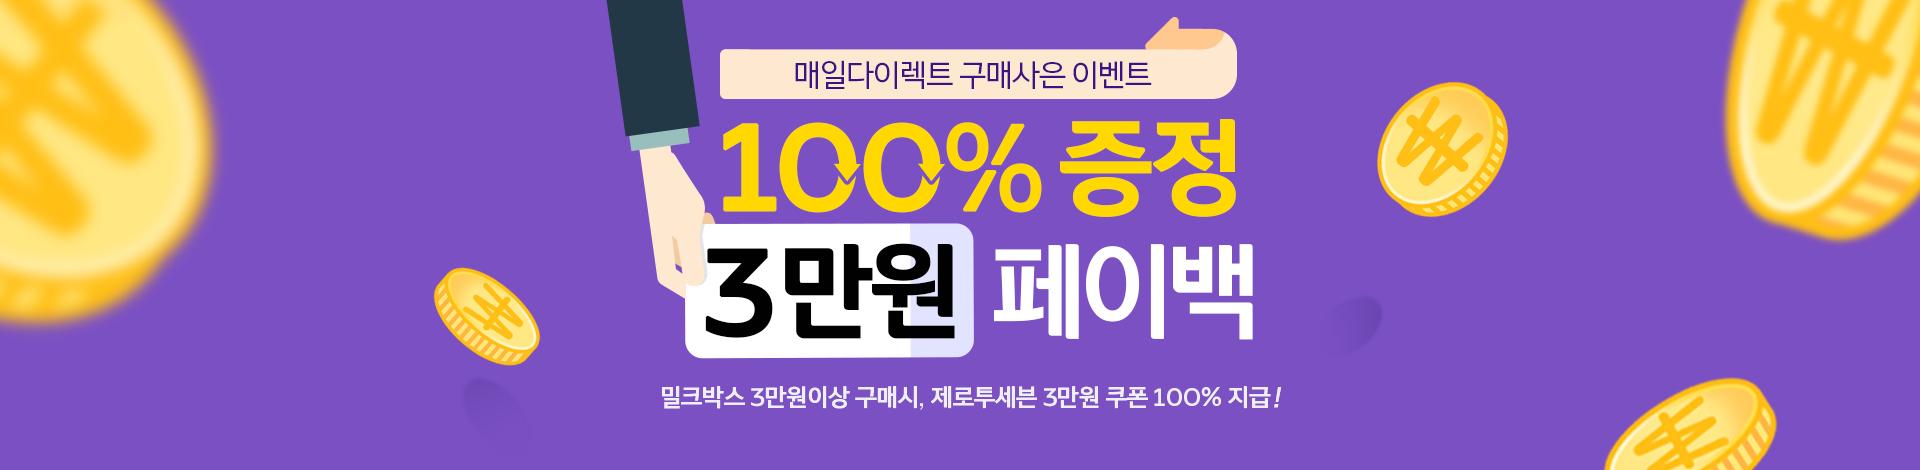 100%증정 3만원 페이백